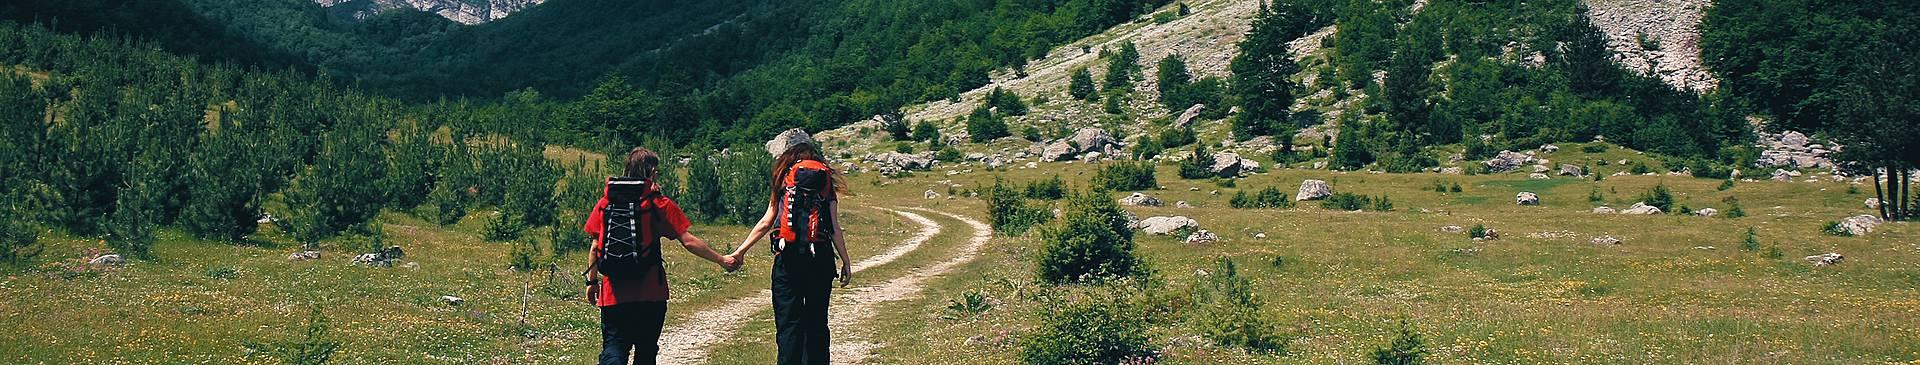 Montenegro hiking tours